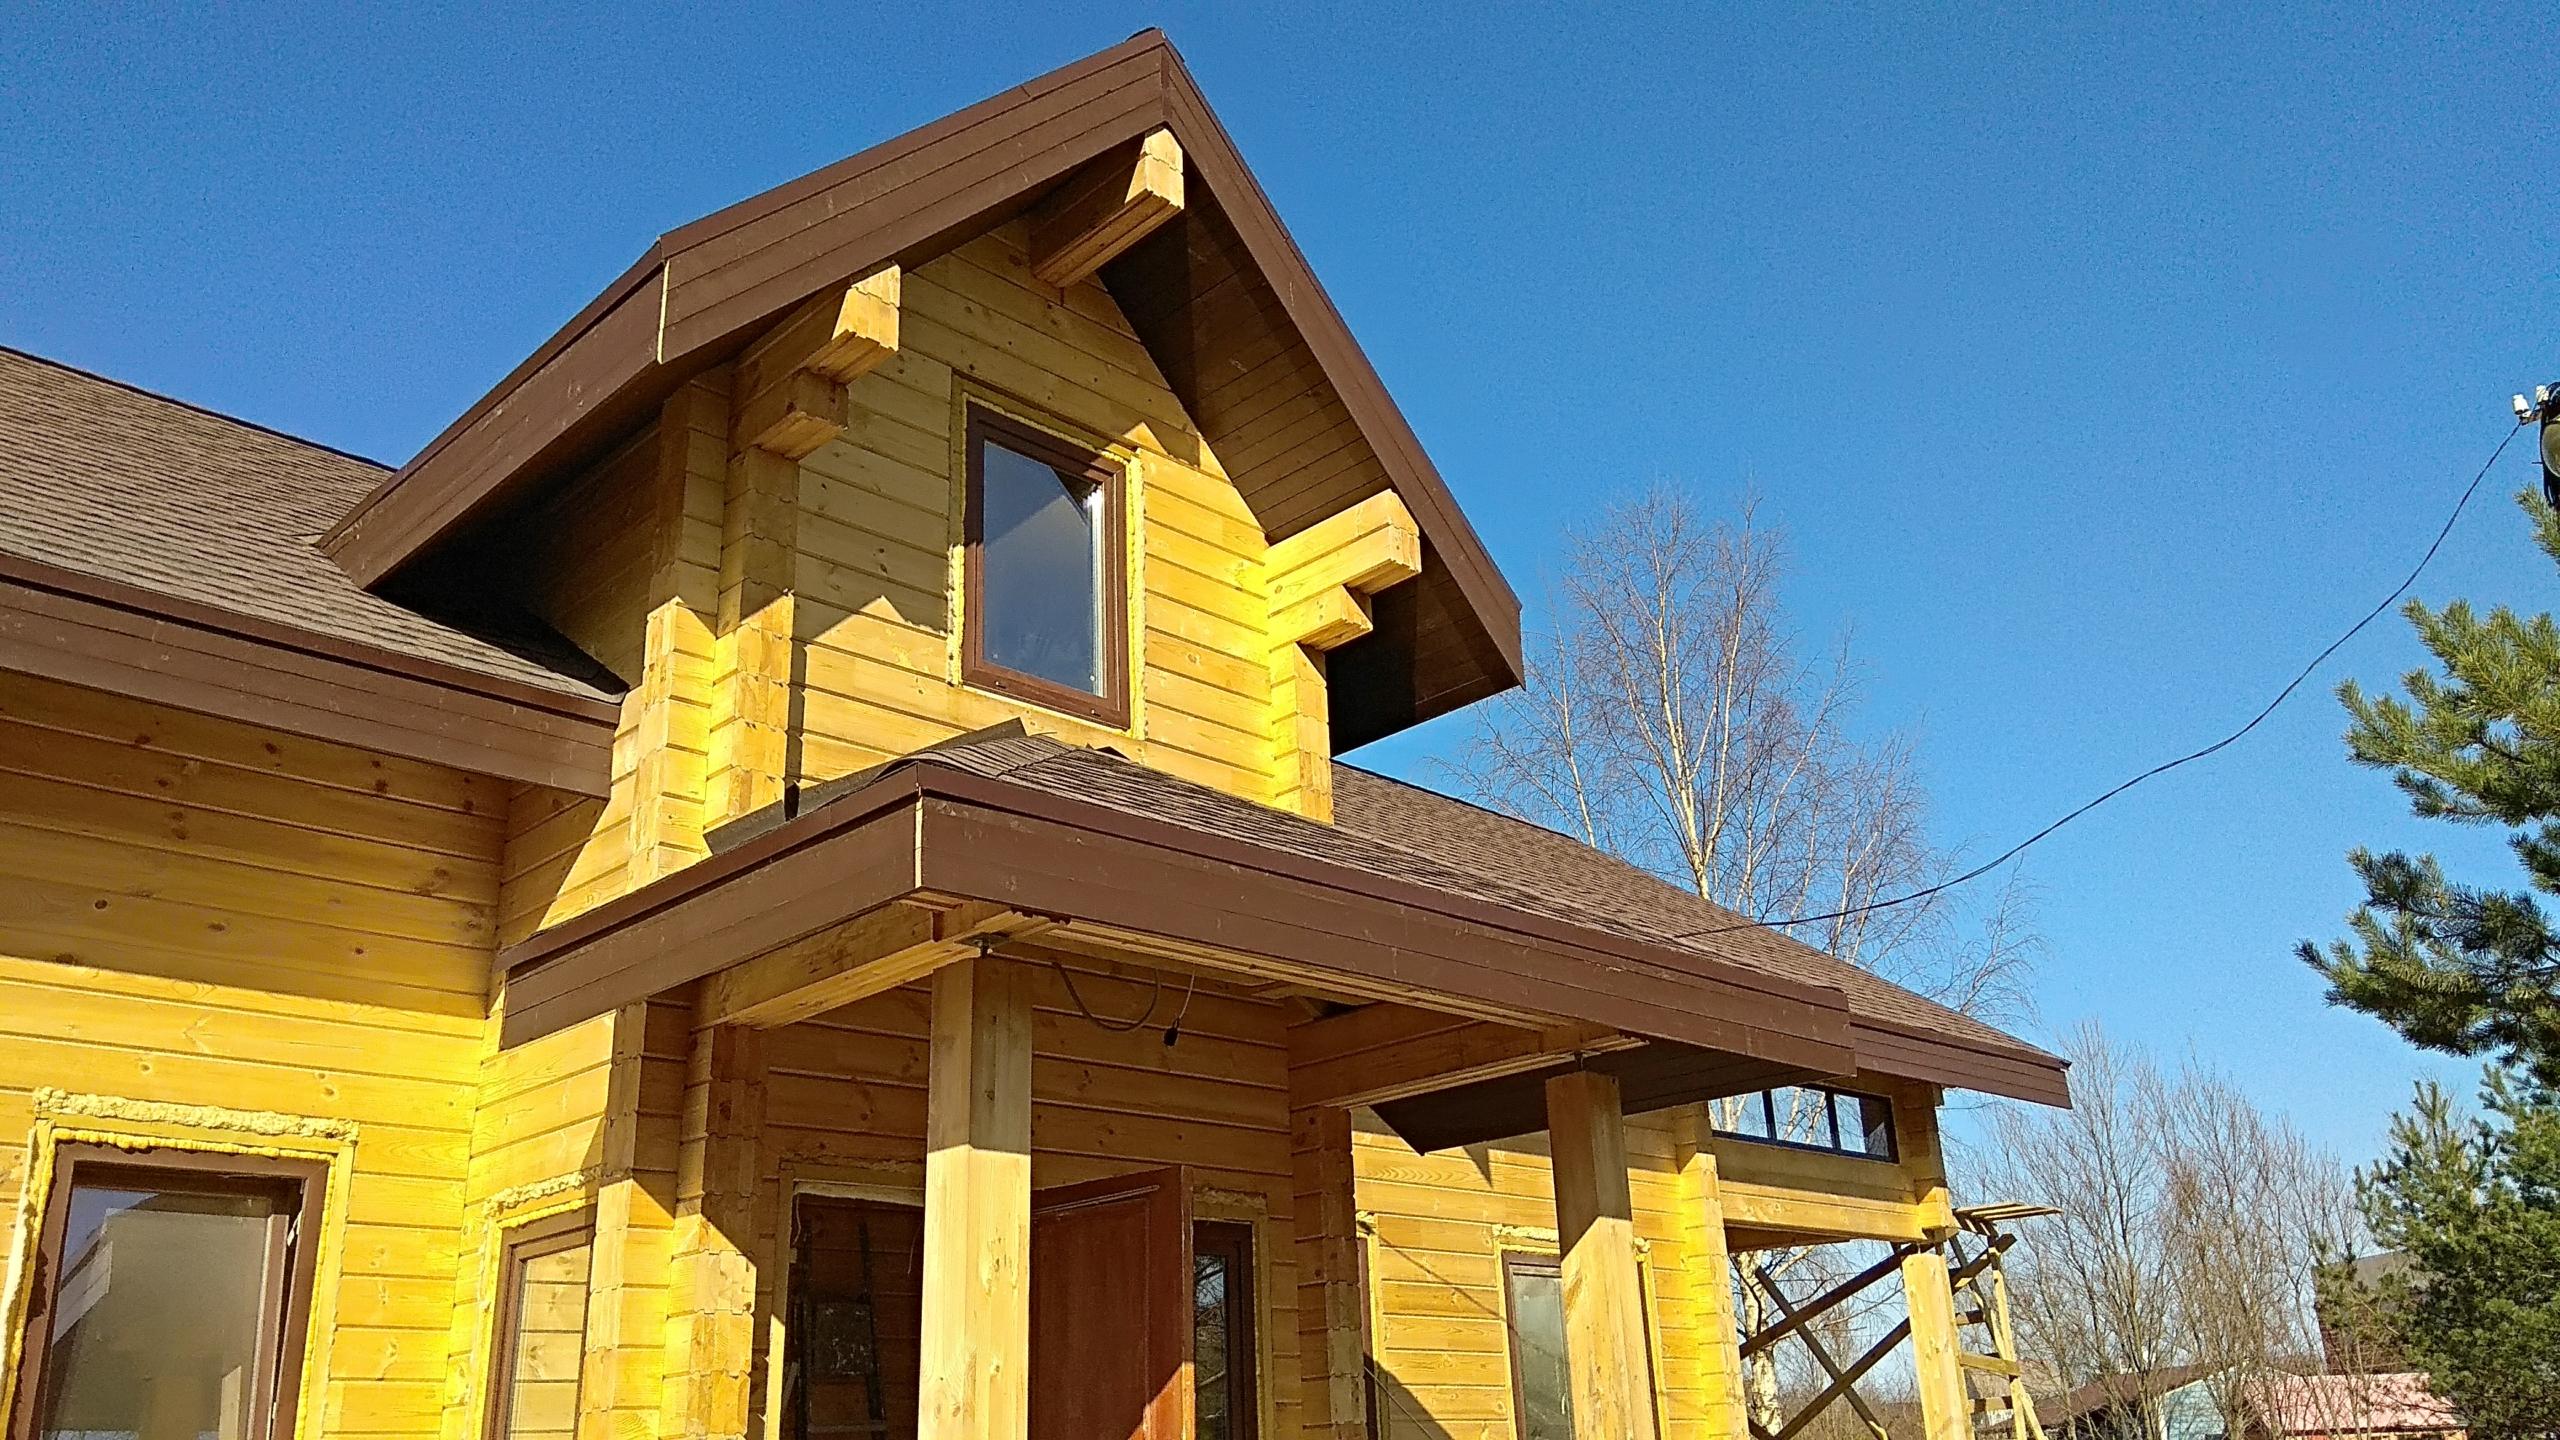 Двухэтажный дом из клеёного бруса 180 х 200 мм в Ленинградской области СНТ «Тавры»